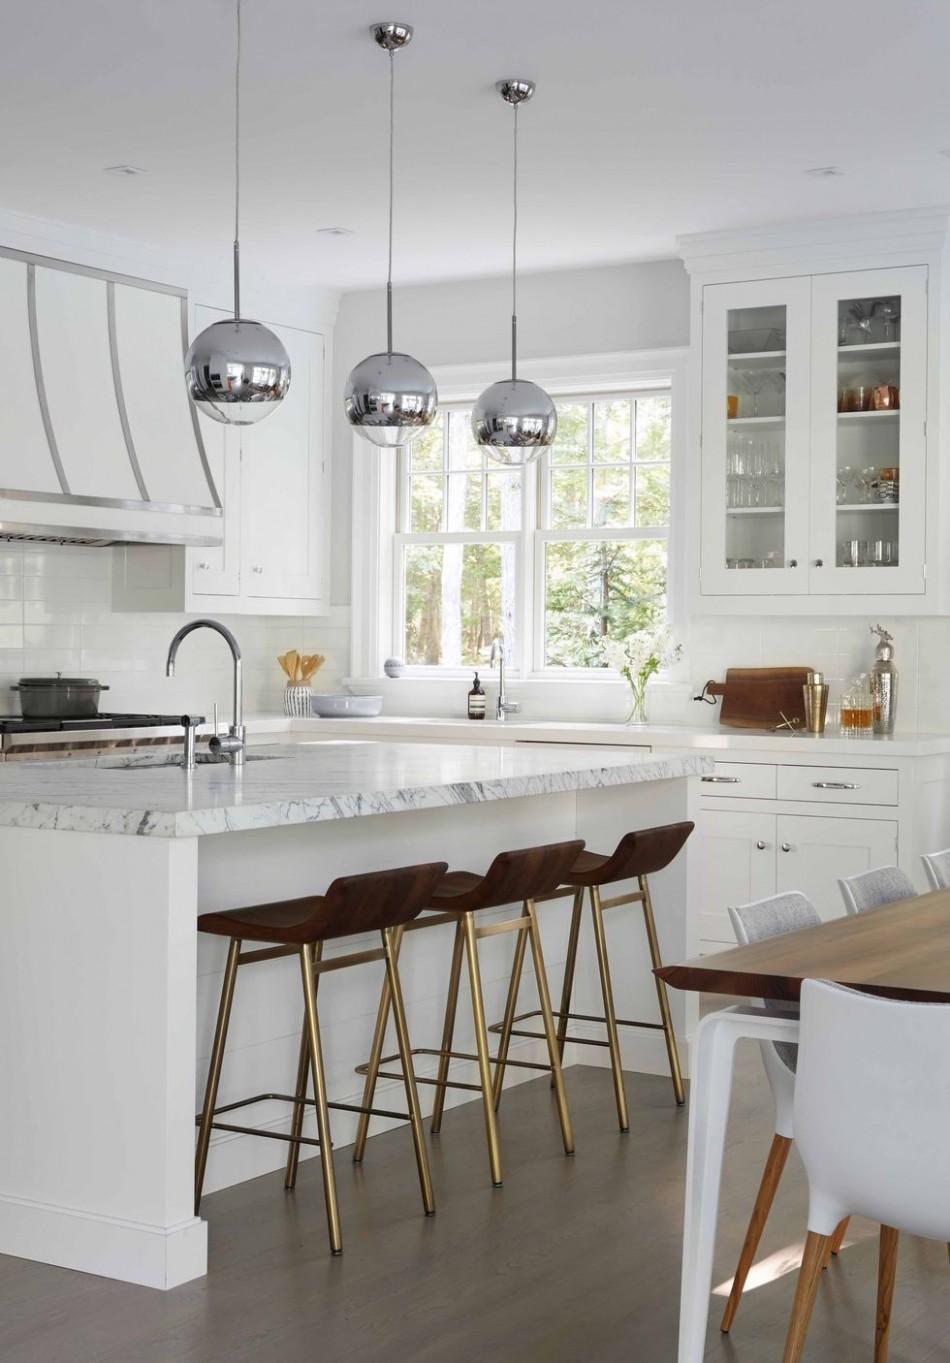 10 Best White Kitchen Ideas - Photos of Modern White Kitchen Designs - Modern White Kitchen Cabinets Photos